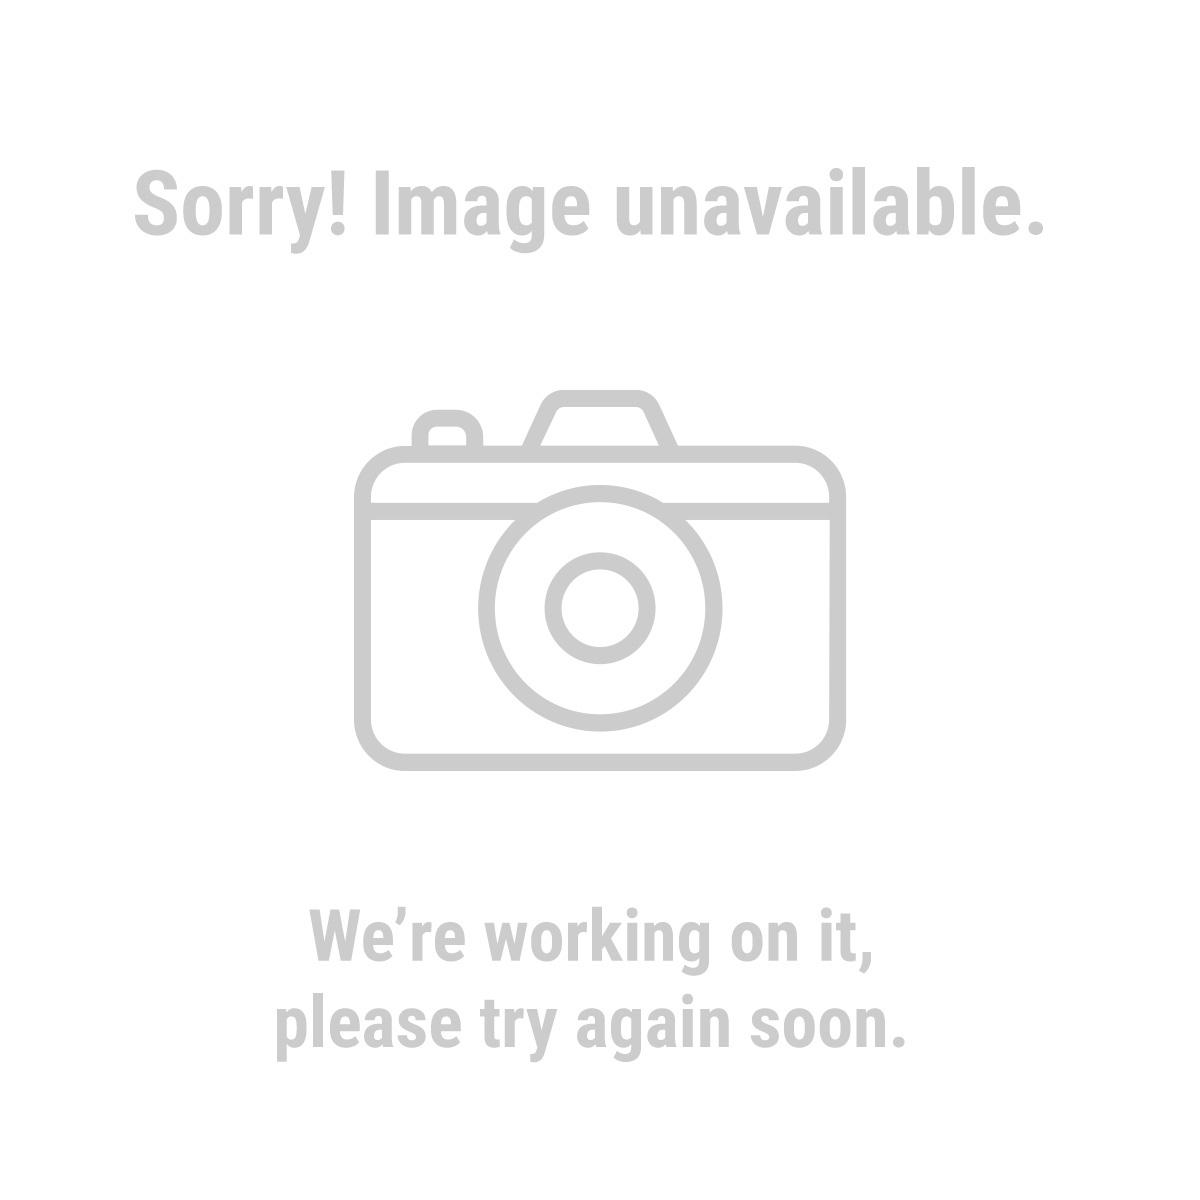 Fasten Pro 96755 Three-Way Tacker Staple Gun Kit